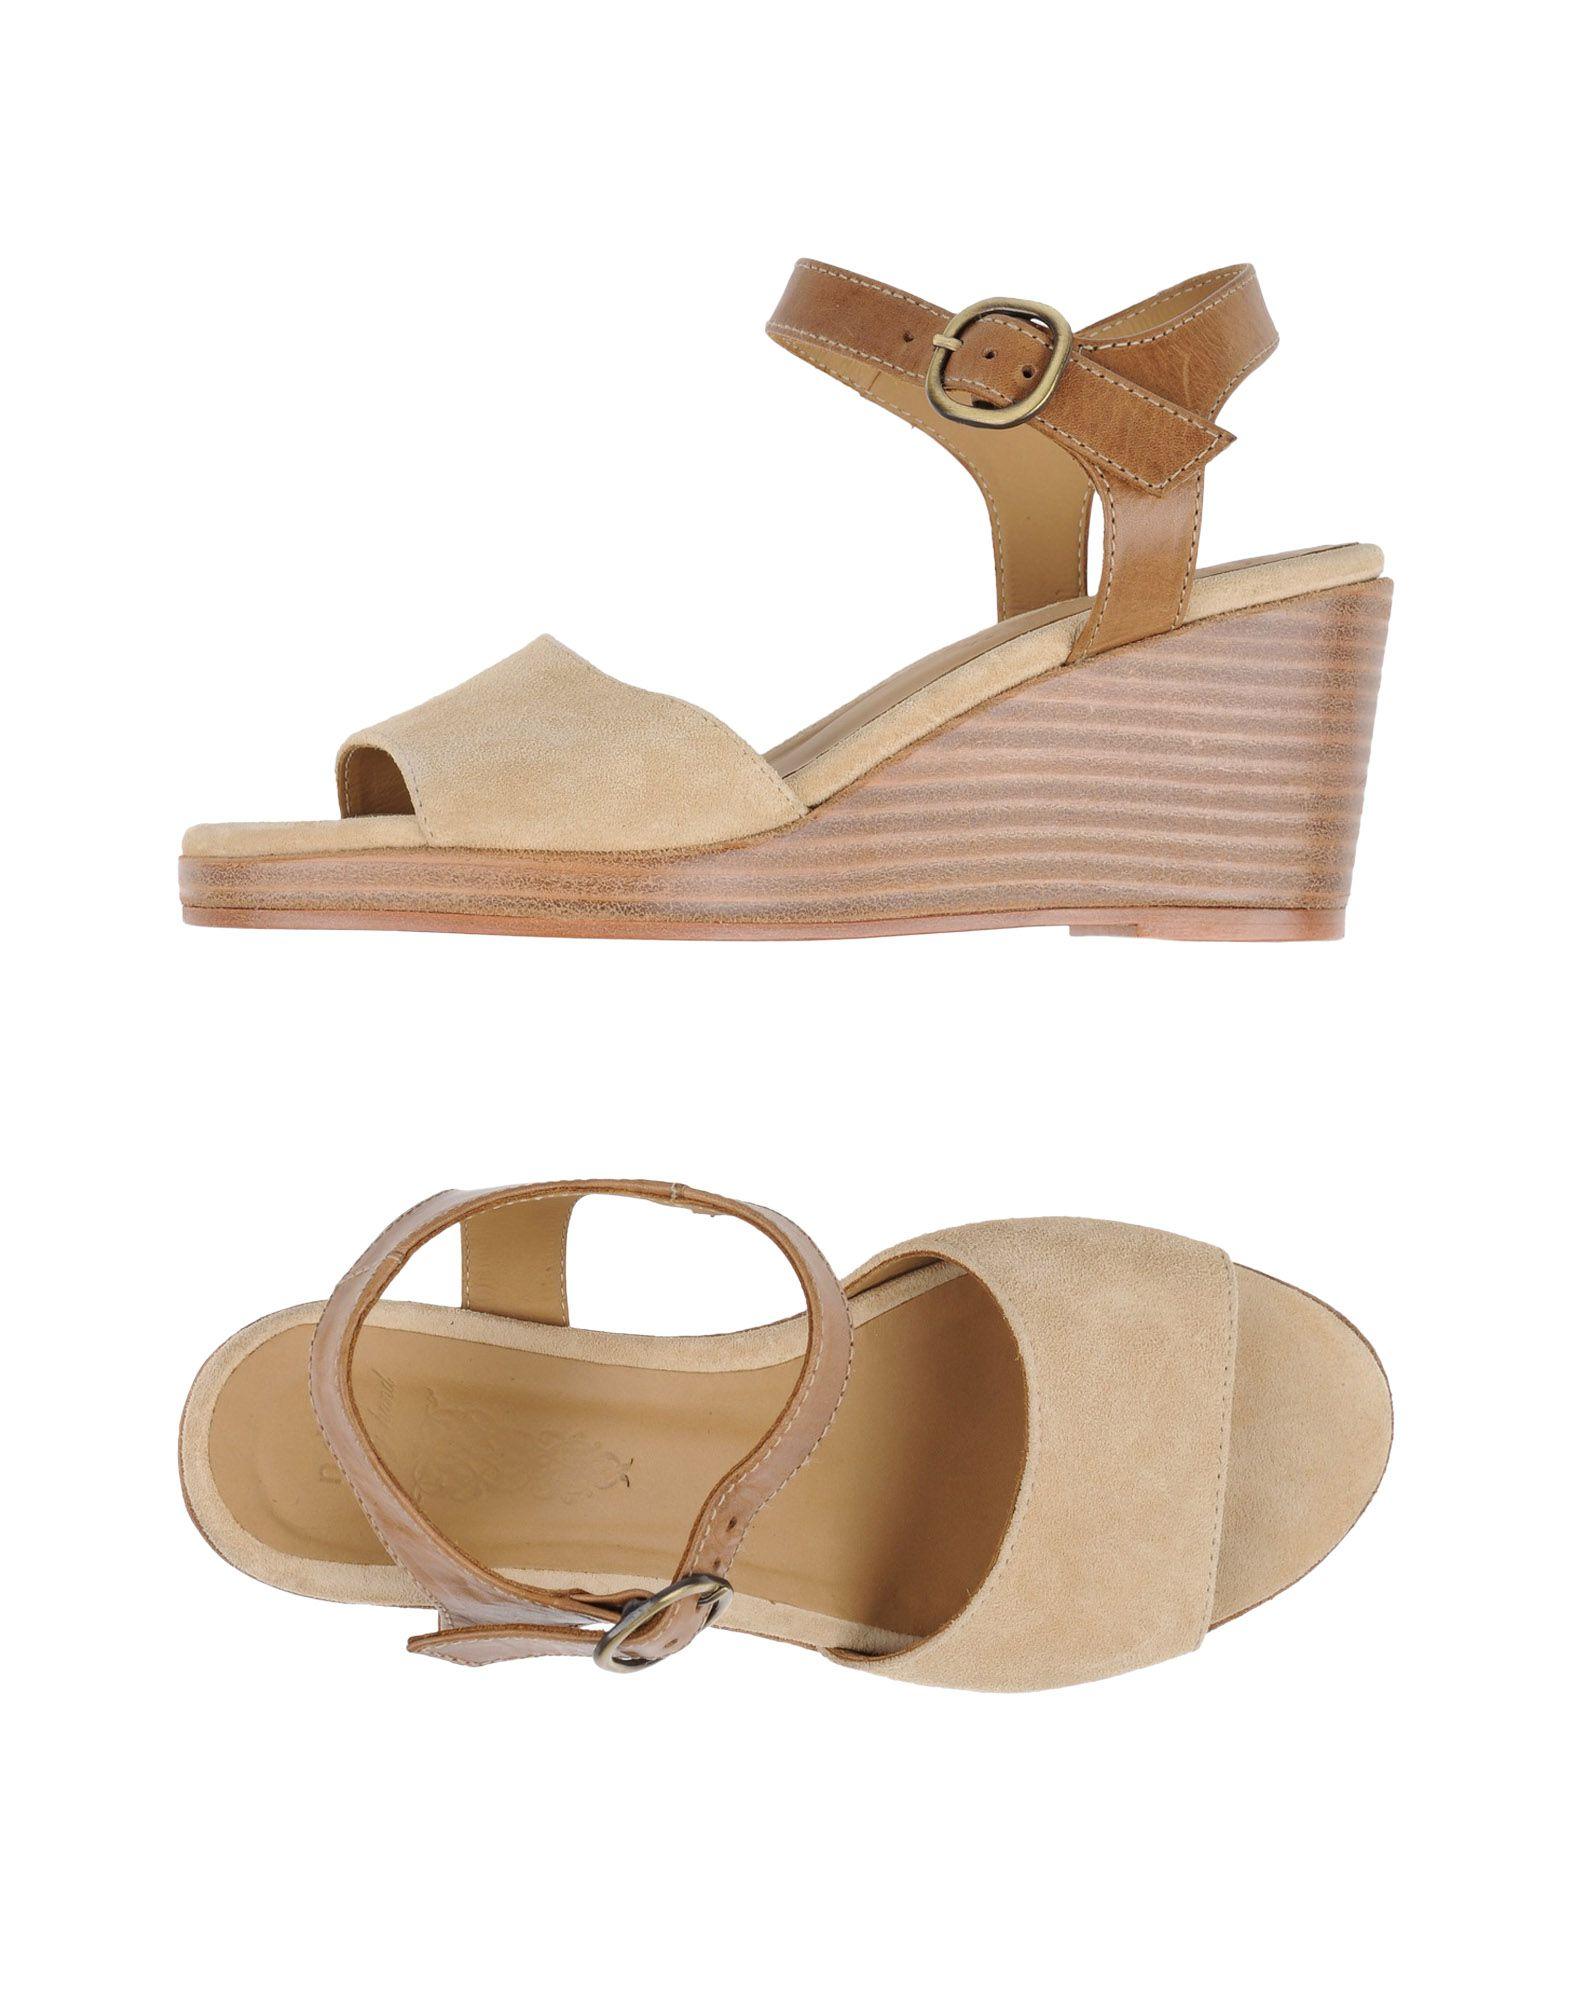 N.D.C. Made By Hand Sandalen Damen  11195771OH Gute Qualität beliebte Schuhe